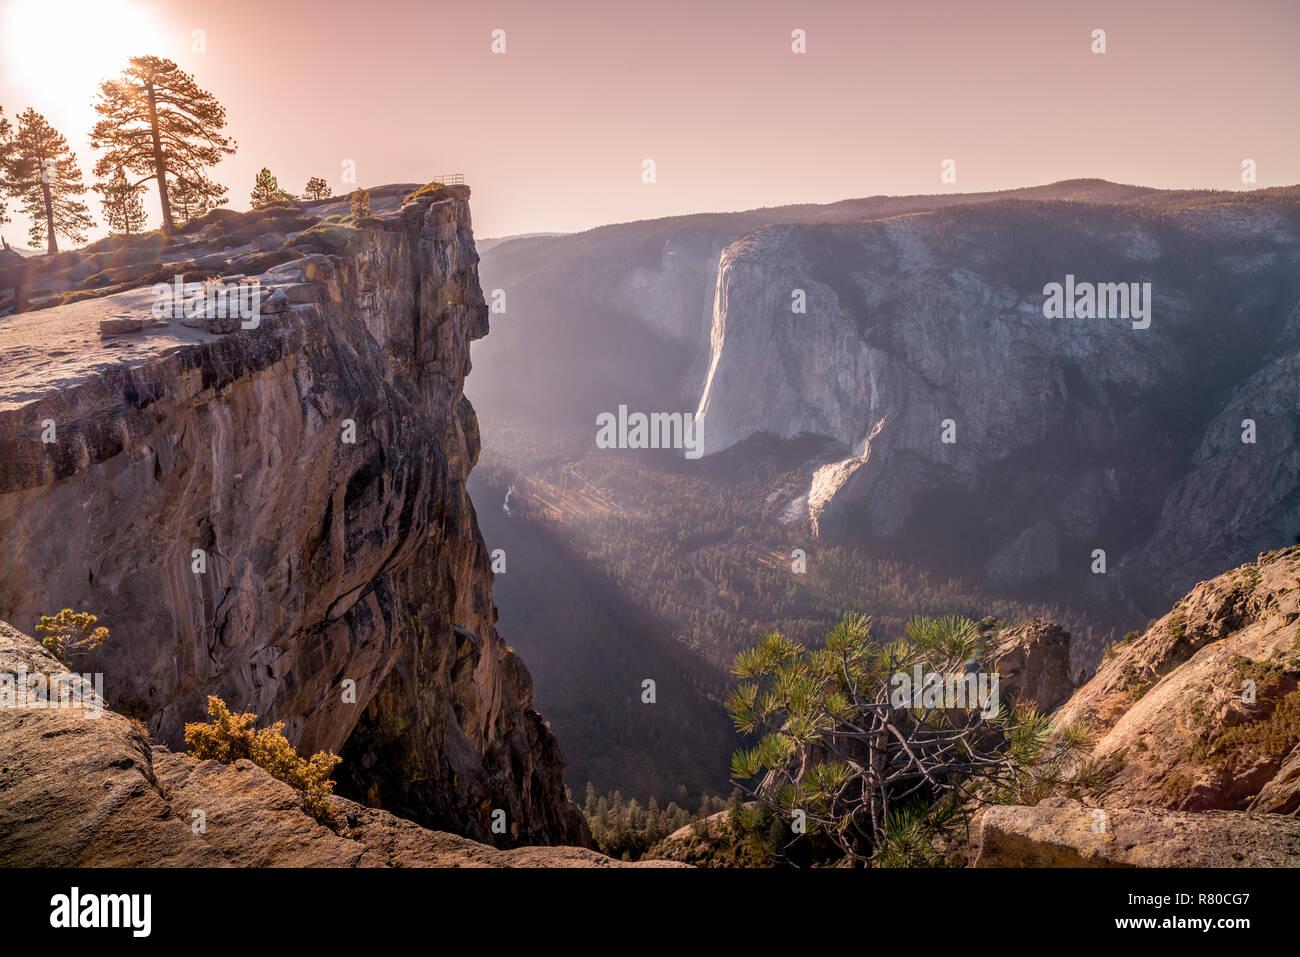 El Parque Nacional de Yosemite, incluyendo Half Dome, Yosemite Falls, y Capitan de carril elevado sobre el río Merced, en el valle de Yosemite Foto de stock